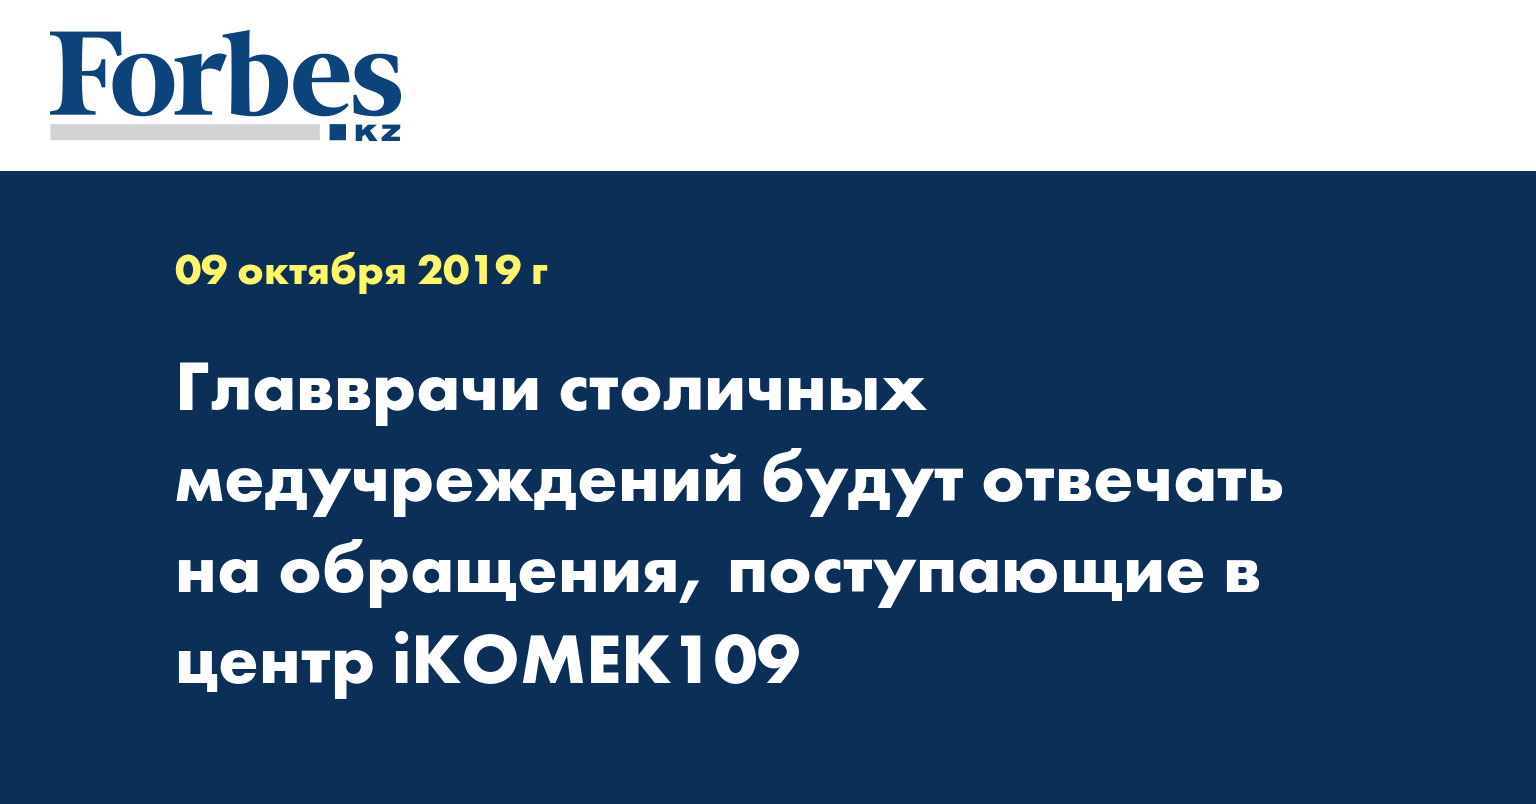 Главврачи столичных медучреждений будут отвечать на обращения, поступающие в центр iKOMEK109